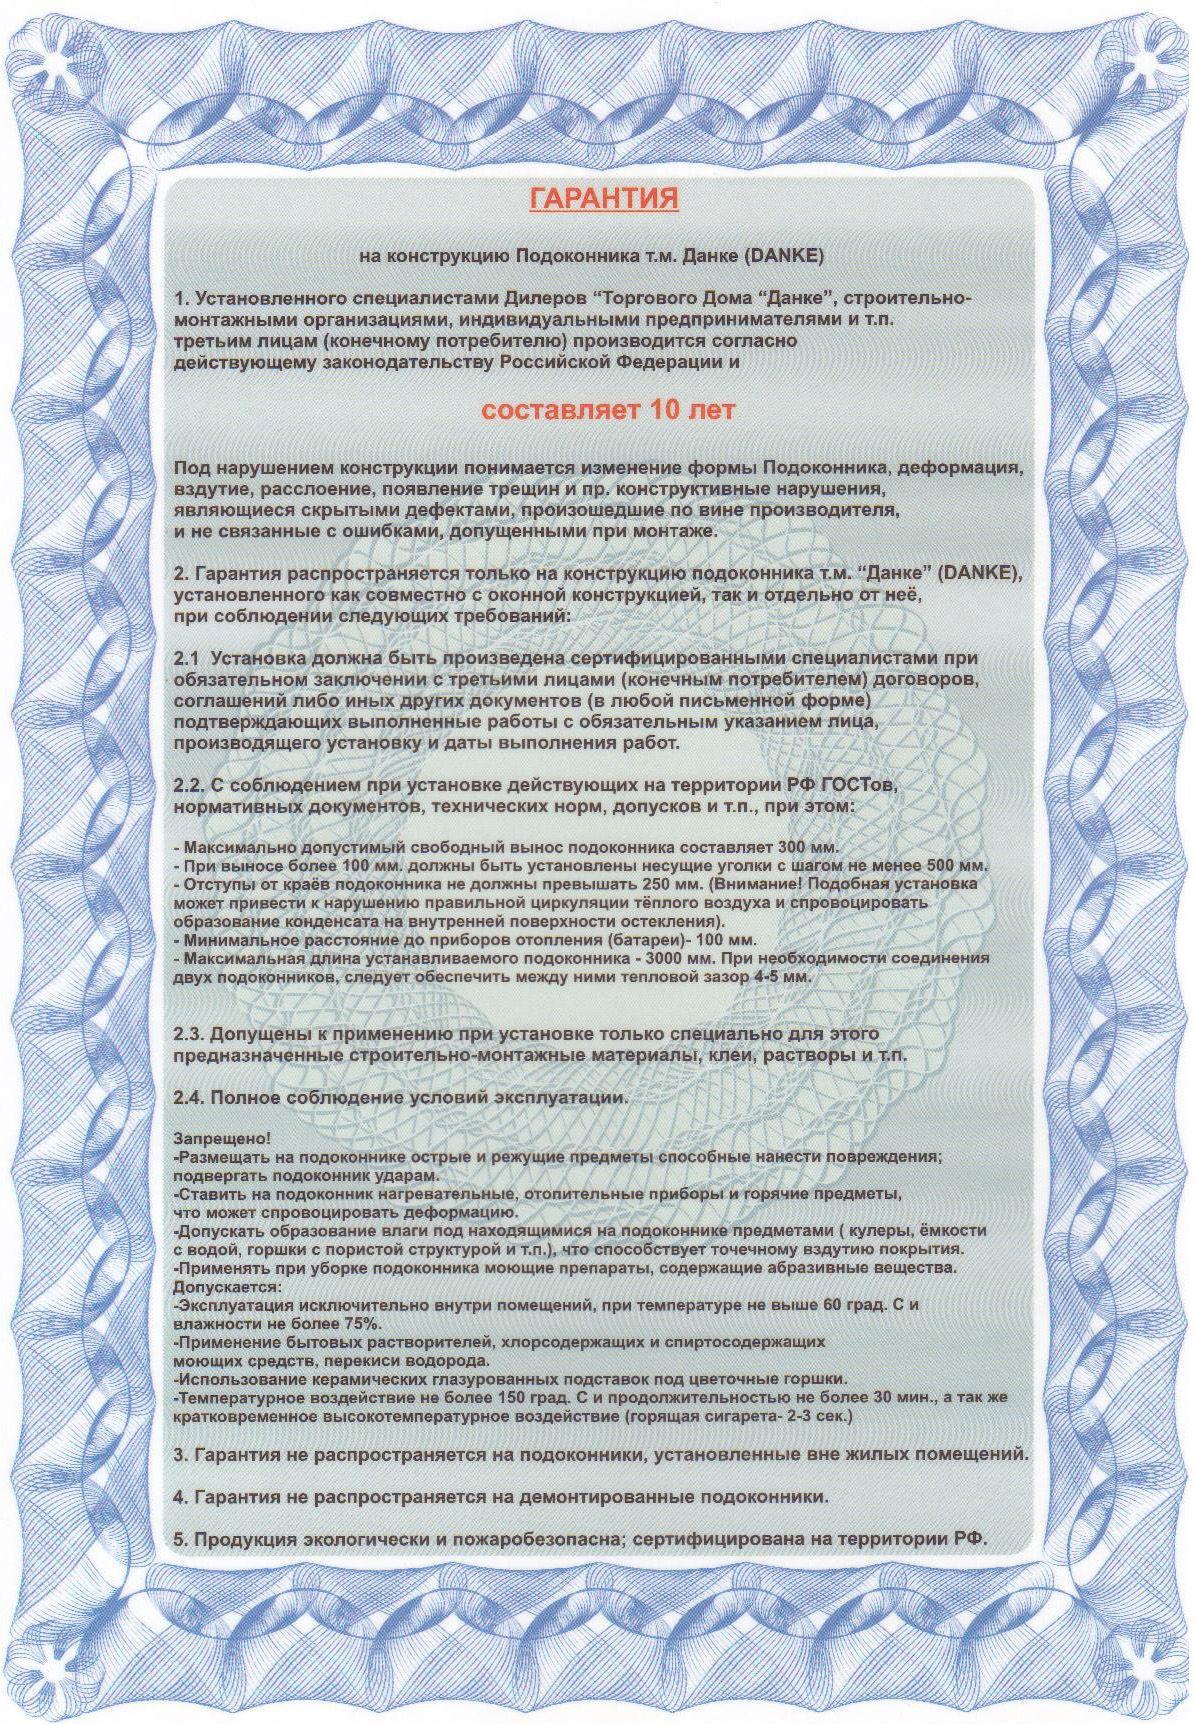 garantiynyy-sertifikat-torgovyy-dom-danke